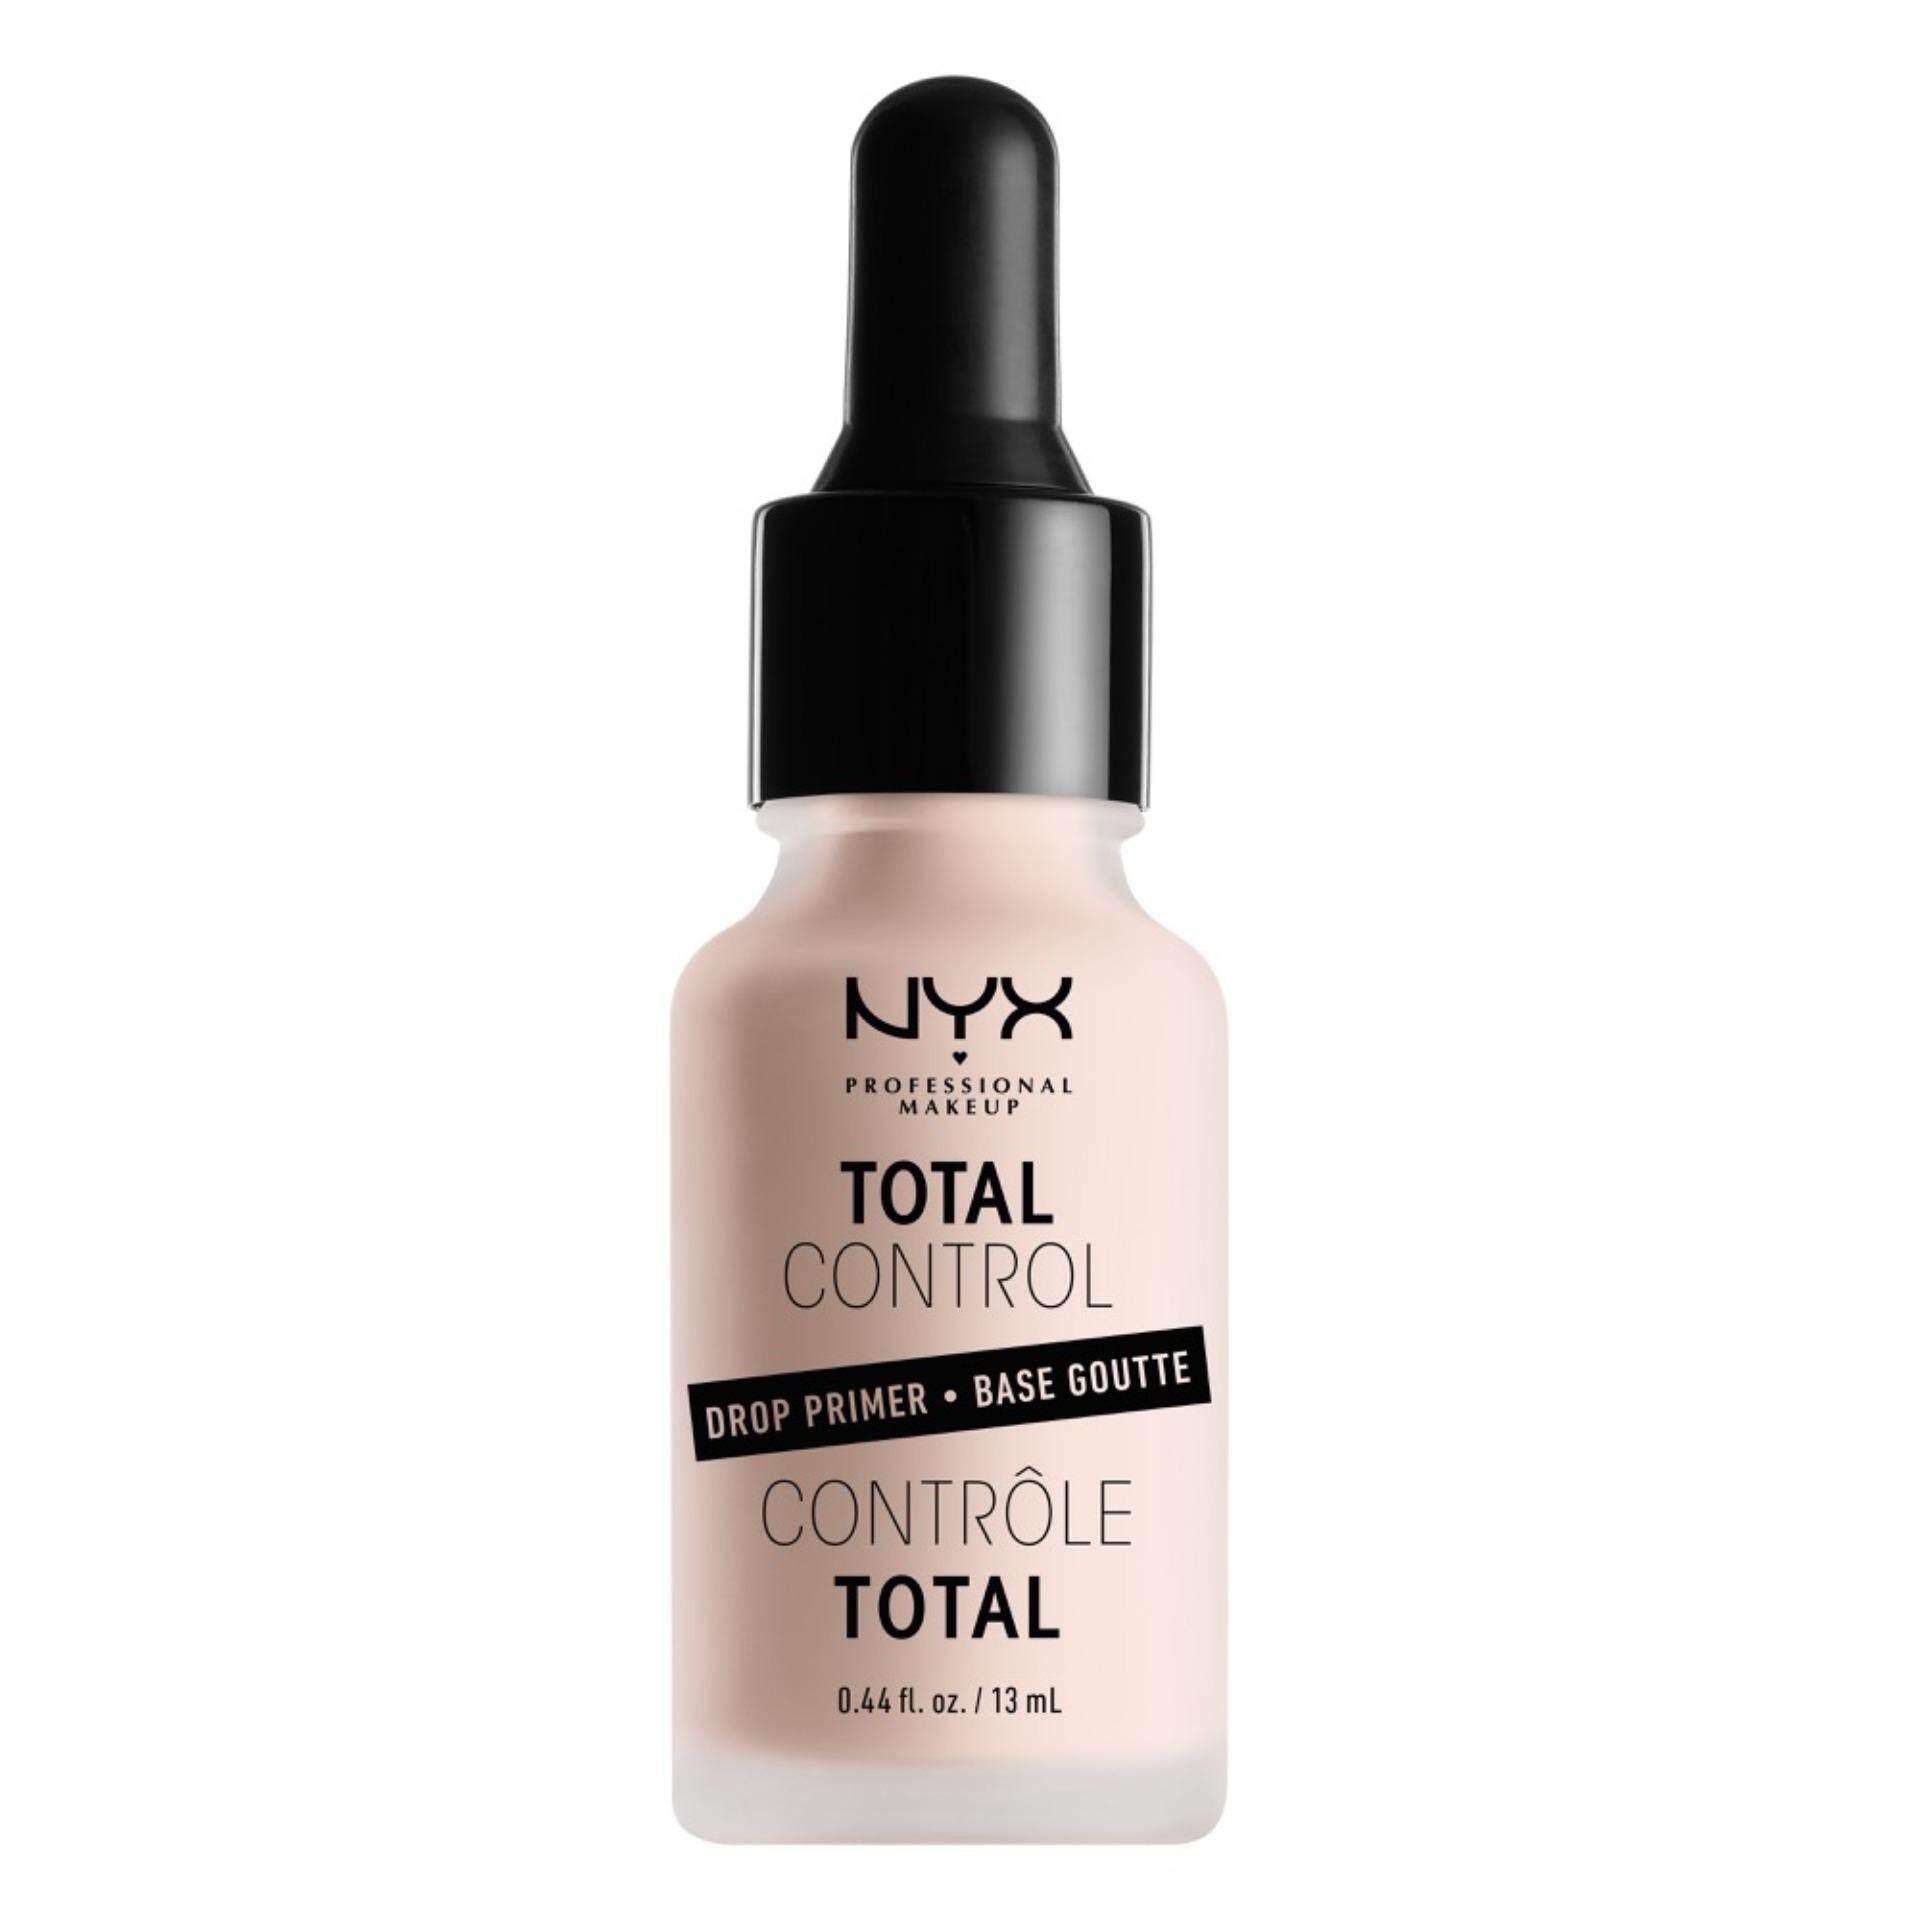 ไพรเมอร์เตรียมผิวให้เรียบเนียน นิกซ์ โปรเฟสชั่นแนล เมคอัพโทเทิล คอนโทรล ดรอป ไพรเมอร์ NYX Professional Makeup TOTAL CONTROL DROP PRIMER (ไพรเมอร์)